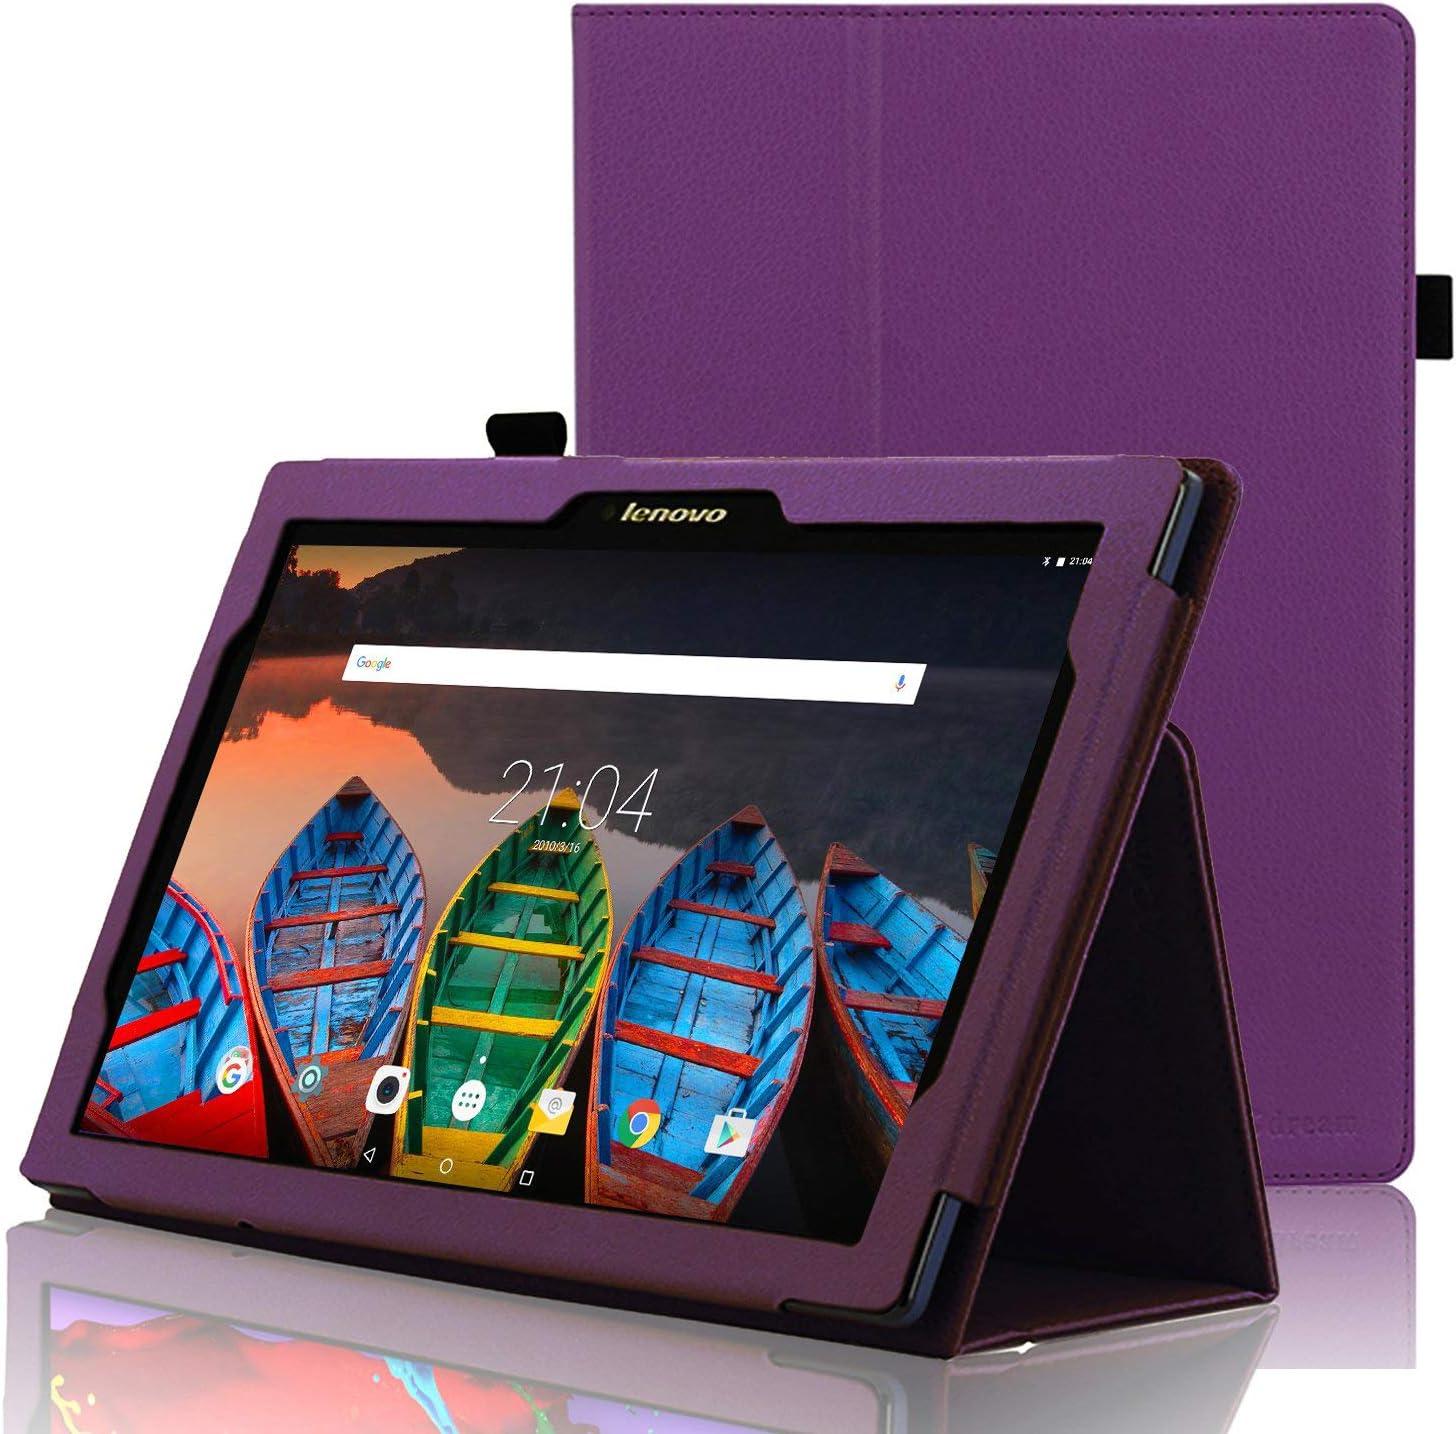 ACdream Lenovo Tab 2 A10 & Lenovo Tab3 10 Business Case, Folio Leather Cover Case for Lenovo Tab2 A10-70 / Tab2 A10-30 / TAB-X103F Tab 10 / Tab3 10 Business Tablet, Dark Purple